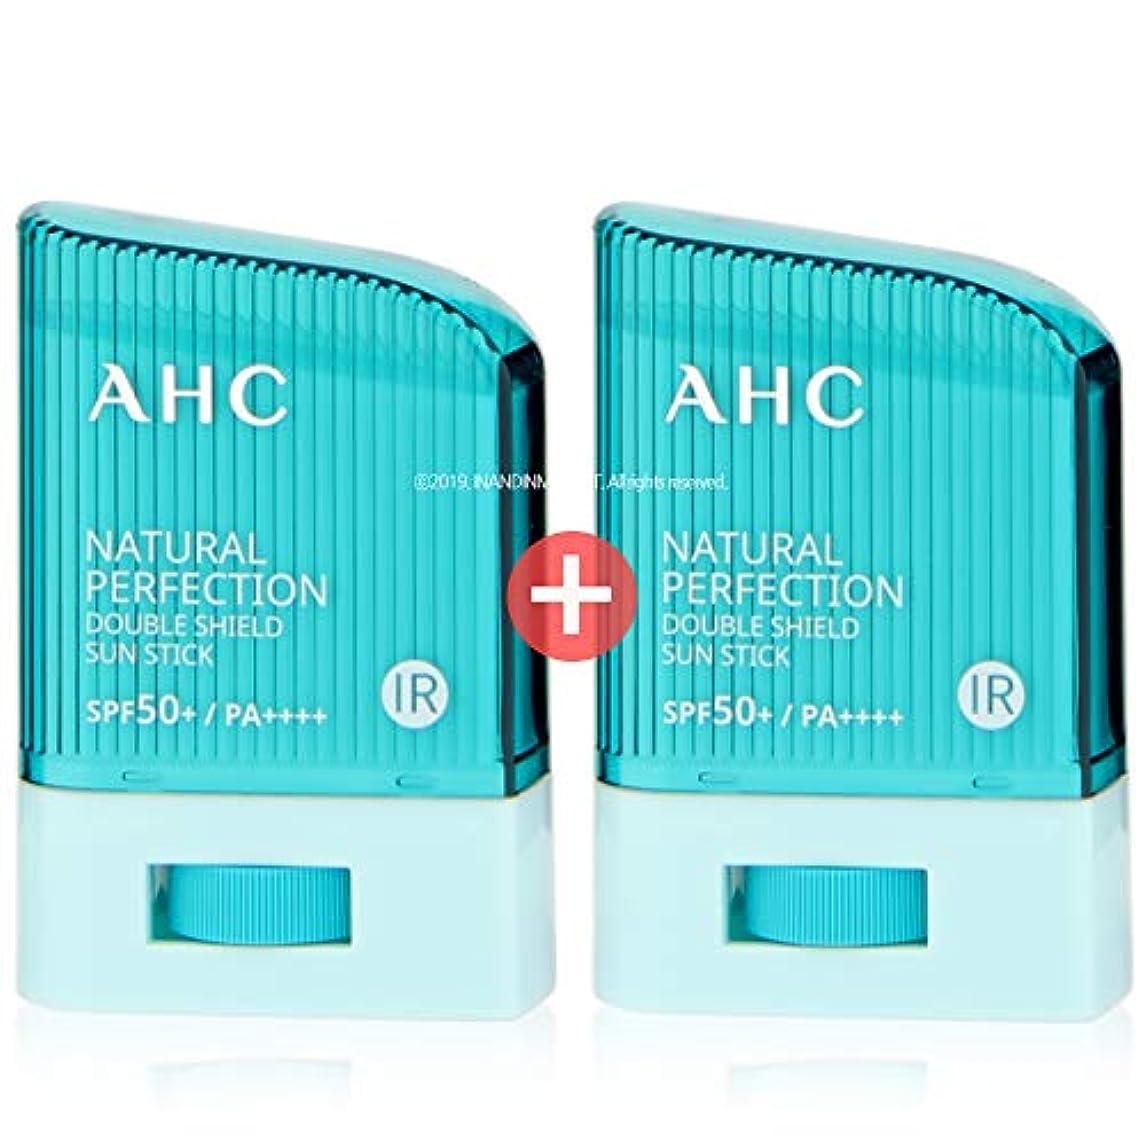 準備ができて後支援する[ 1+1 ] AHC ナチュラルパーフェクションダブルシールドサンスティック 14g, Natural Perfection Double Shield Sun Stick SPF50+ PA++++